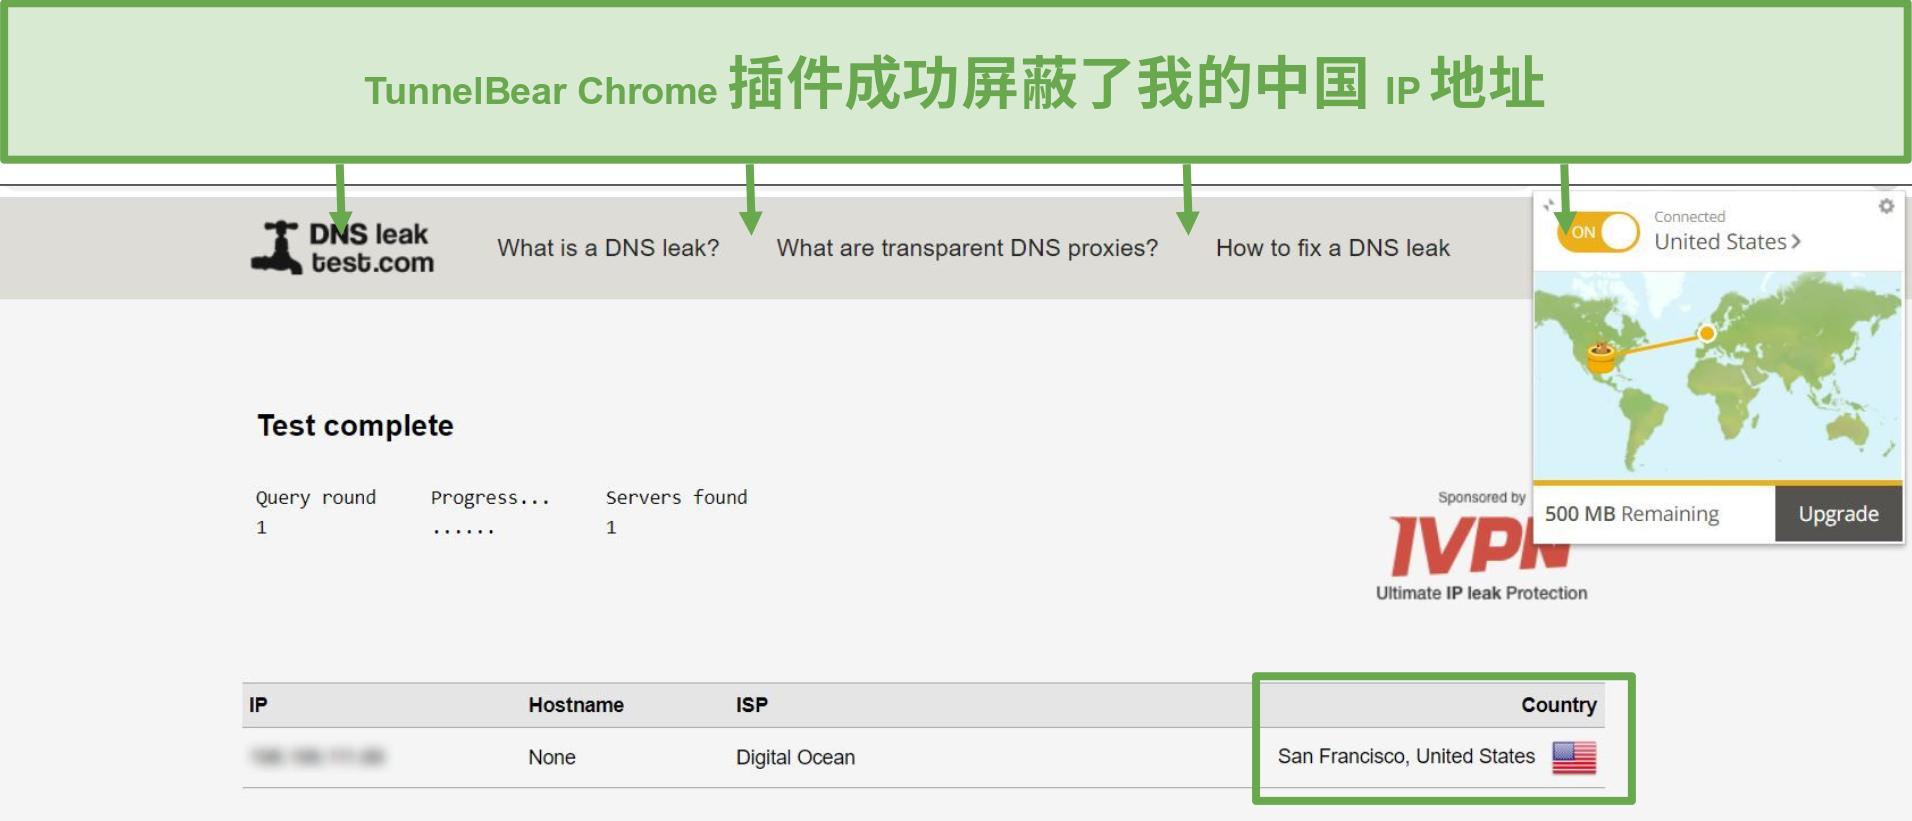 连接到TunnelBear时DNS泄漏测试结果的屏幕快照。